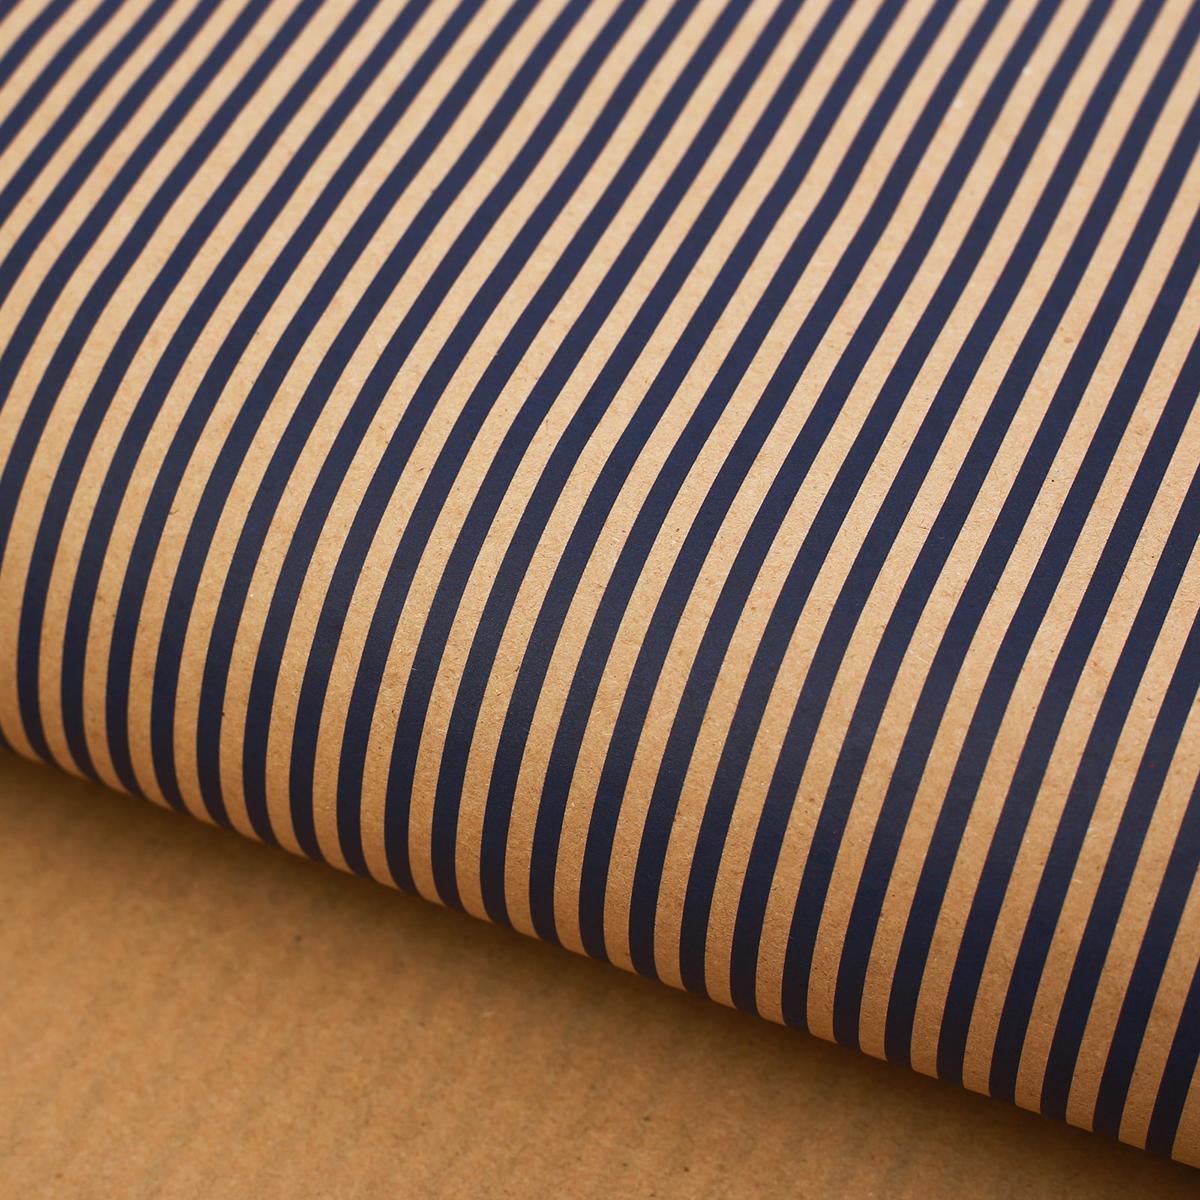 Крафт бумага Дарите Счастье Морская полоска, 50 х 70 см2771487Любой подарок начинается с упаковки. Что может быть трогательнее и волшебнее, чем ритуал разворачивания полученного презента. И именно оригинальная, со вкусом выбранная упаковка выделит ваш подарок из массы других. Она продемонстрирует самые теплые чувства к виновнику торжества и создаст сказочную атмосферу праздника.